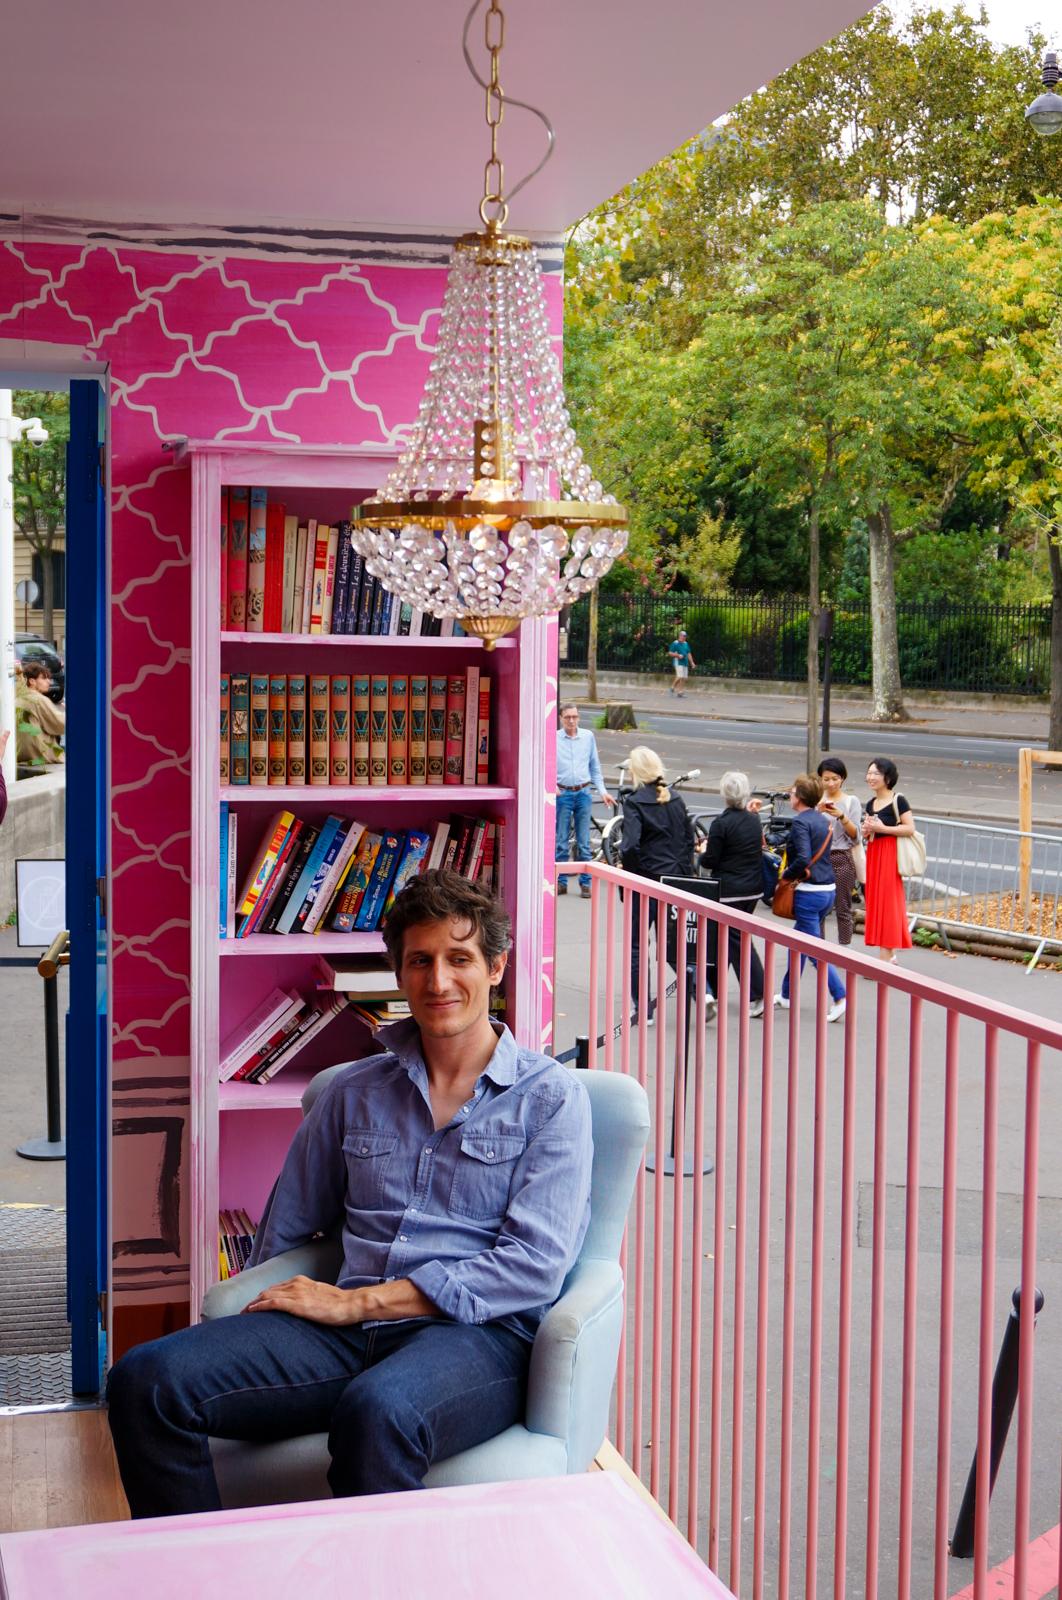 japonismes 2018, Encore un jour banane pour le poisson-rêve, palais de tokyo, enfance palais tokyo, Amabouz Taturo, maison poupée géante, maison poupée exposition, Tatzu Nishino